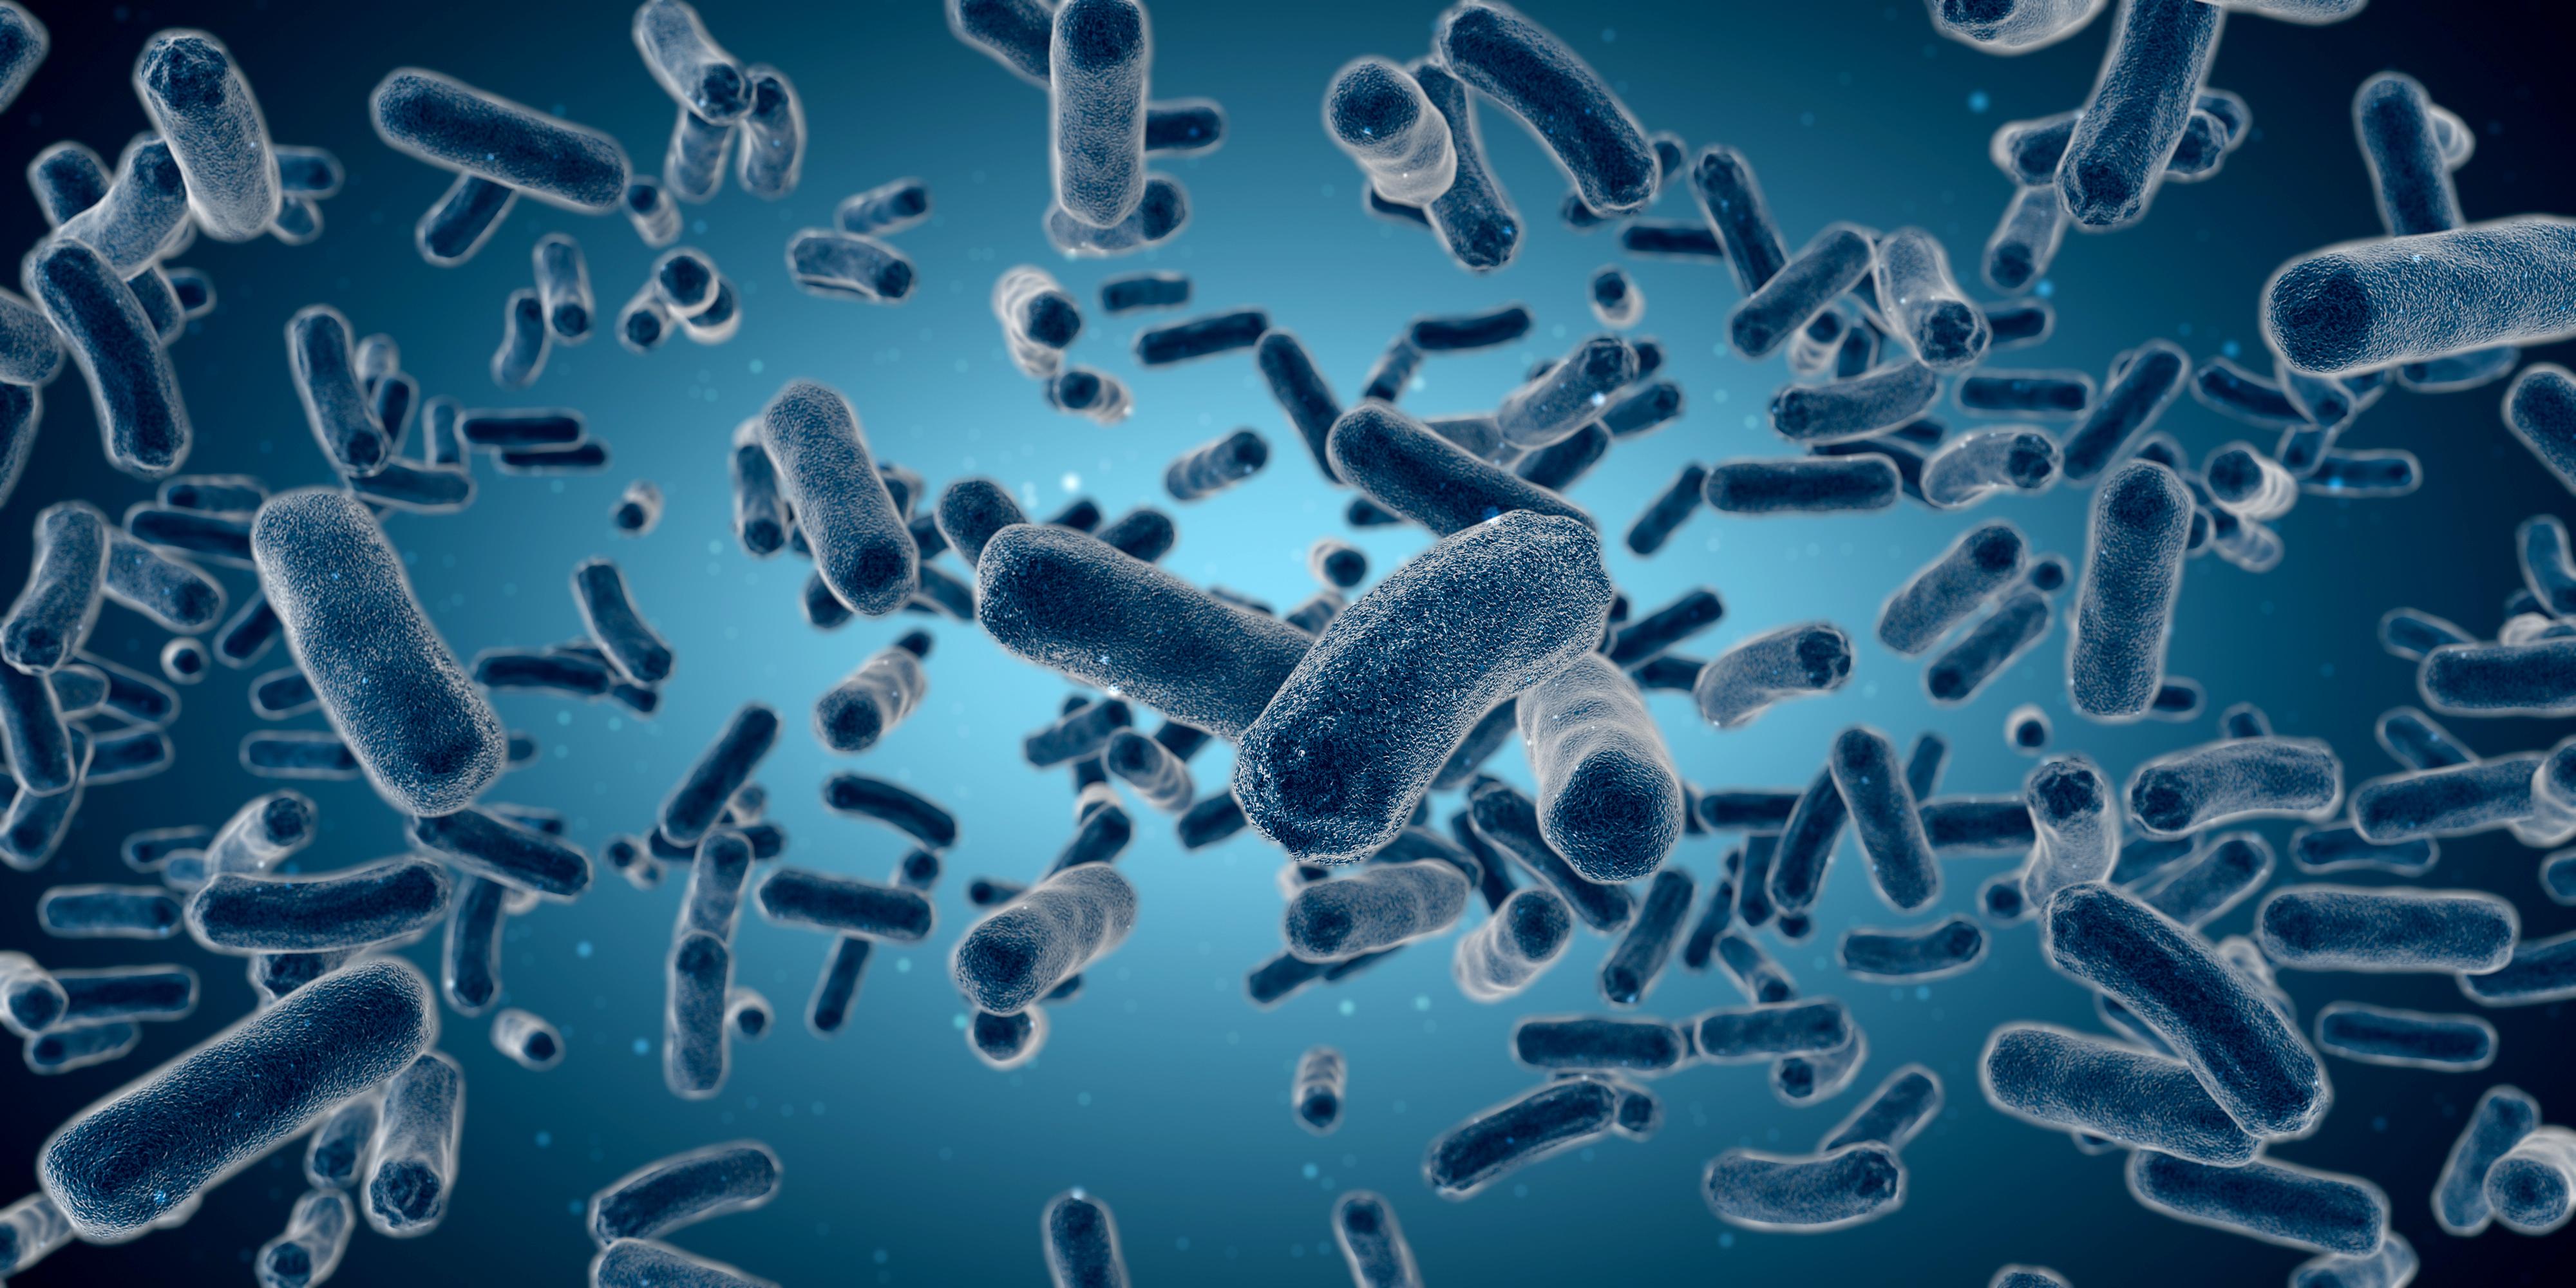 这种黏糊糊的细菌,减肥竟有如此威力?| Nature子刊